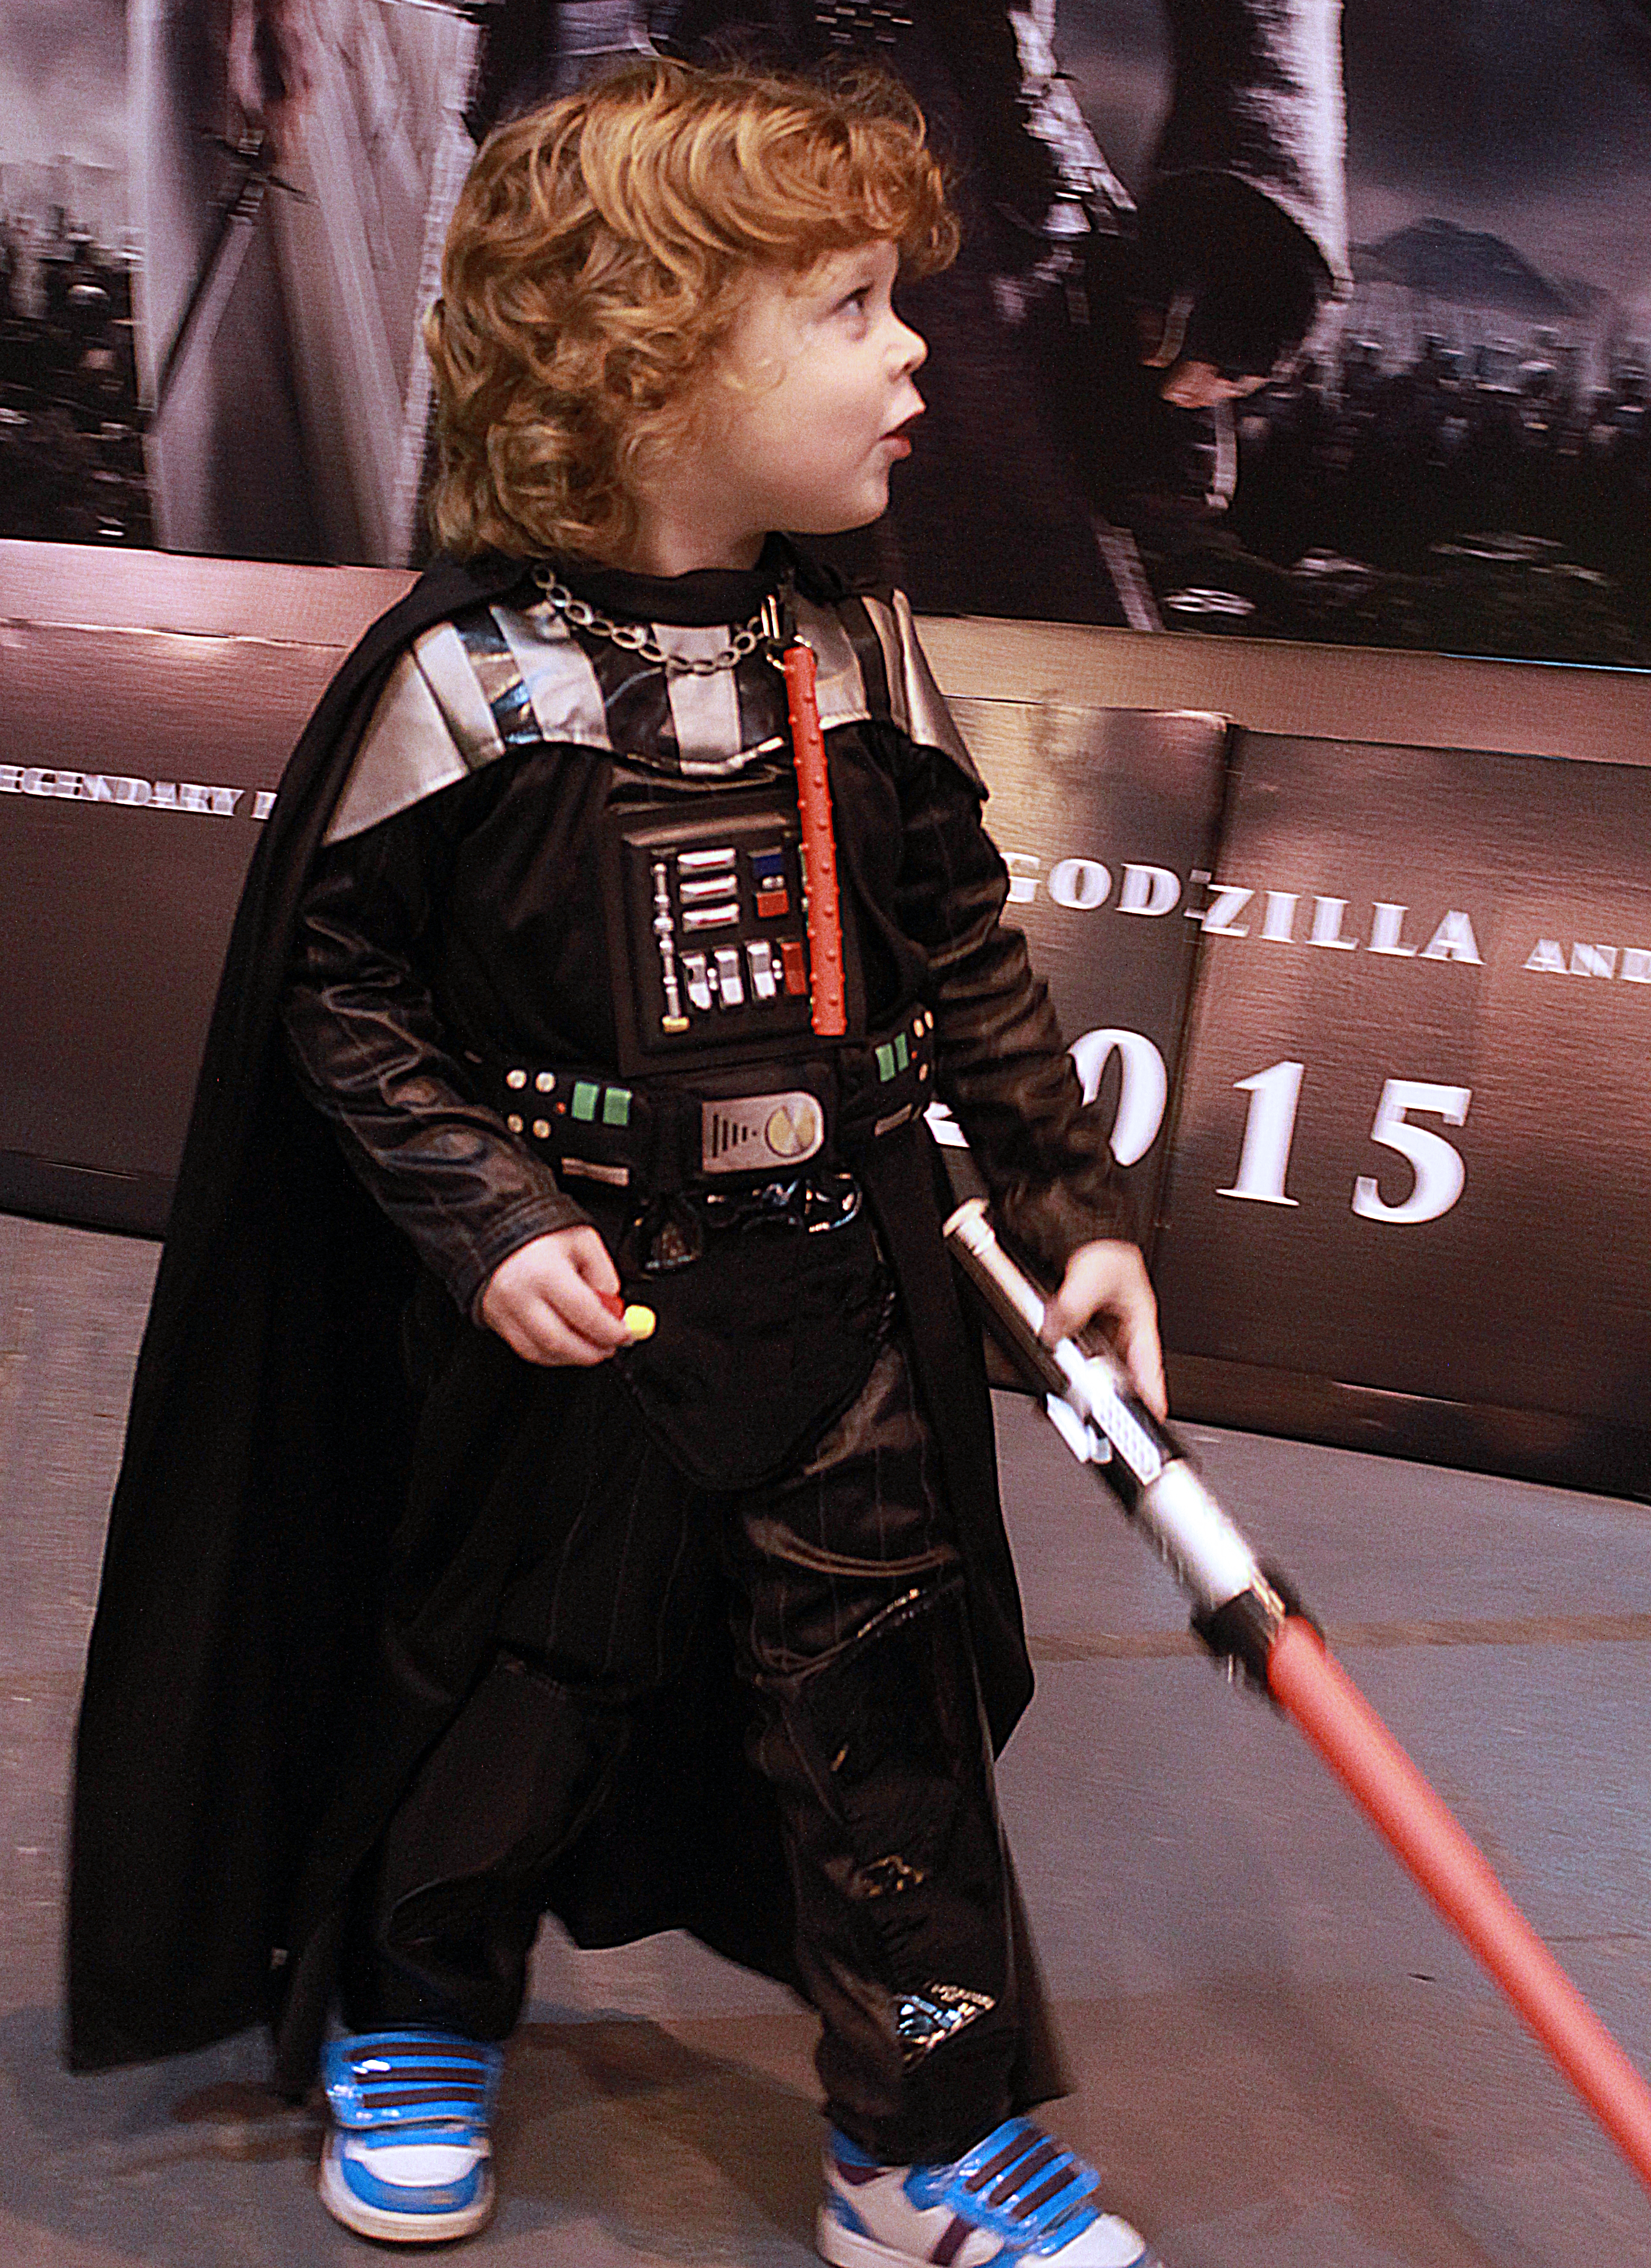 A mini-Vader! MCM Midlands, Feb 2015